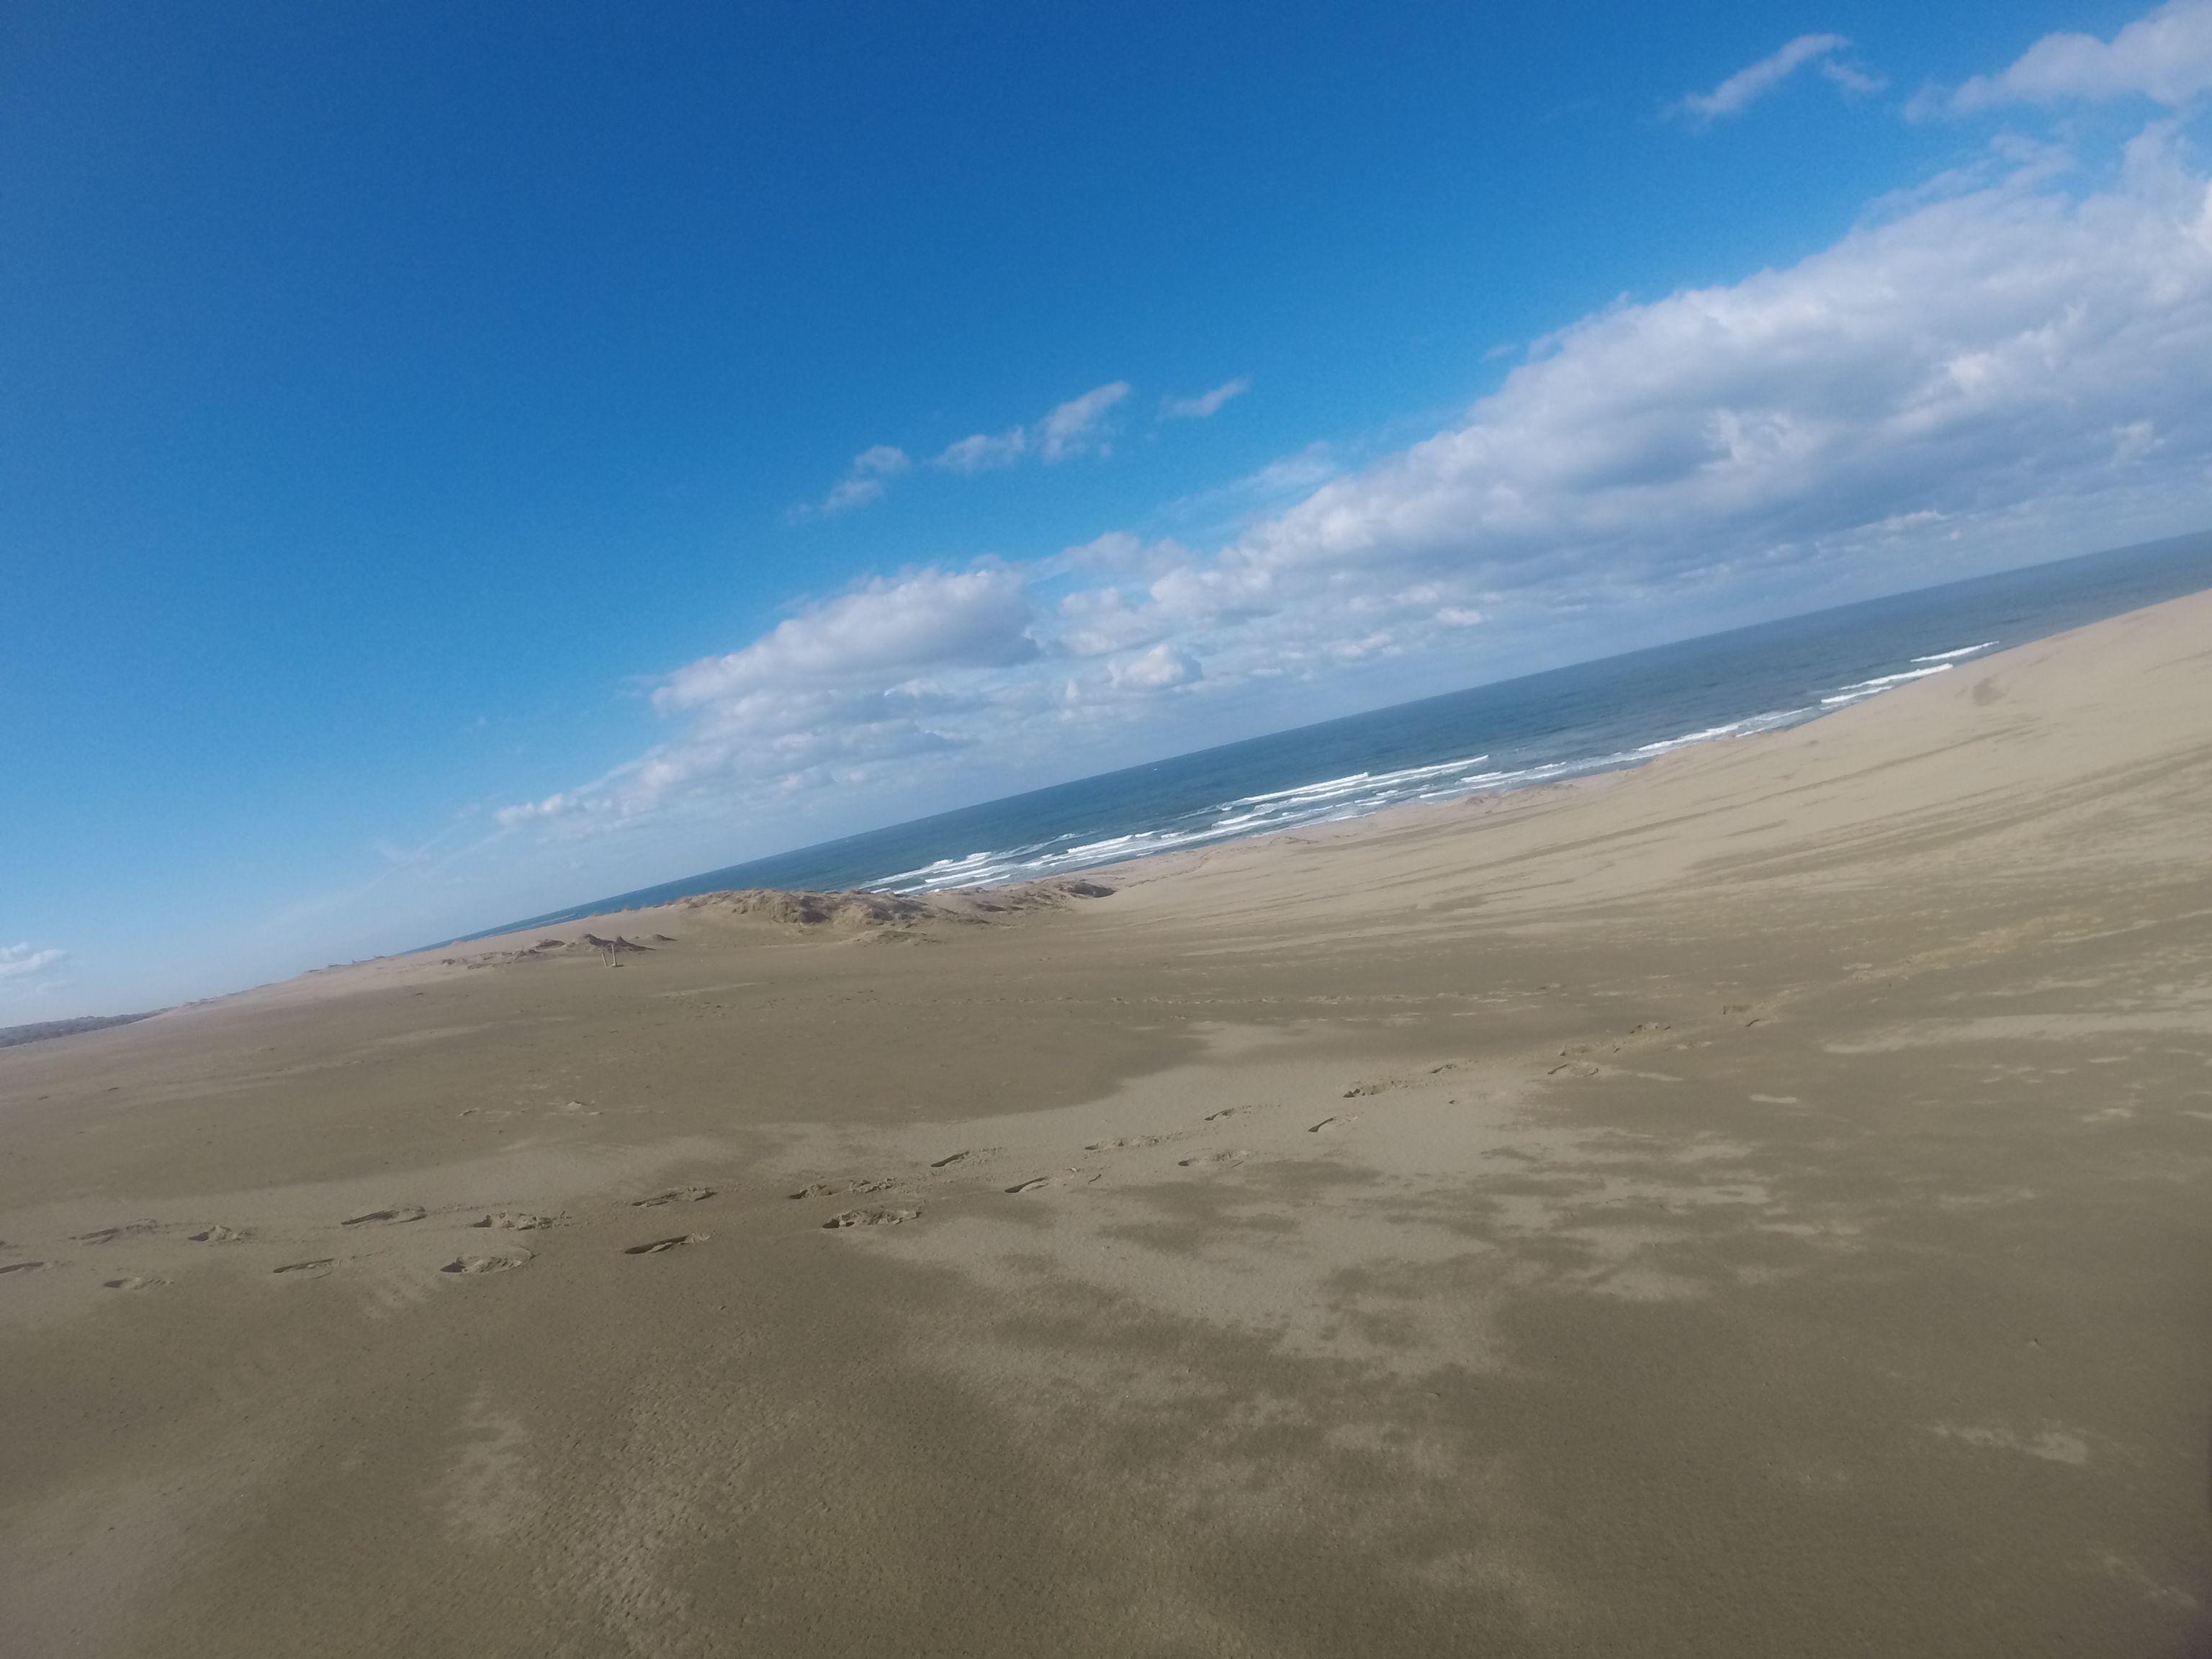 久しぶりにブルースカイとなった鳥取砂丘